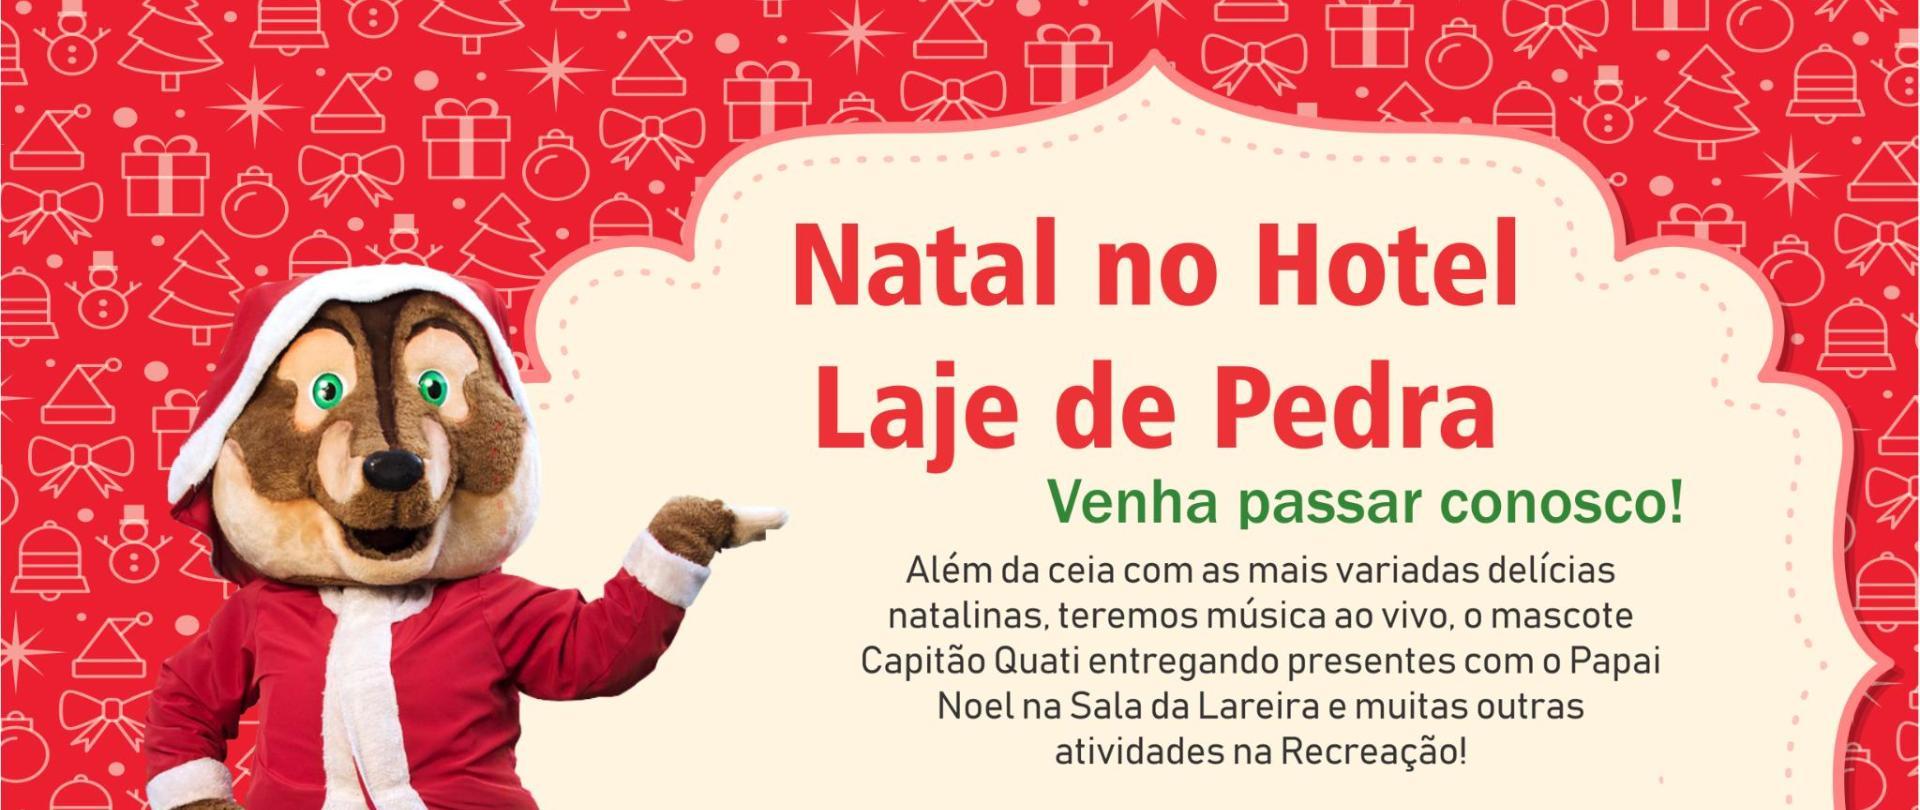 Navidad Quati2LLLLLLLLLLOKOKOKOKOKOKESSA.png